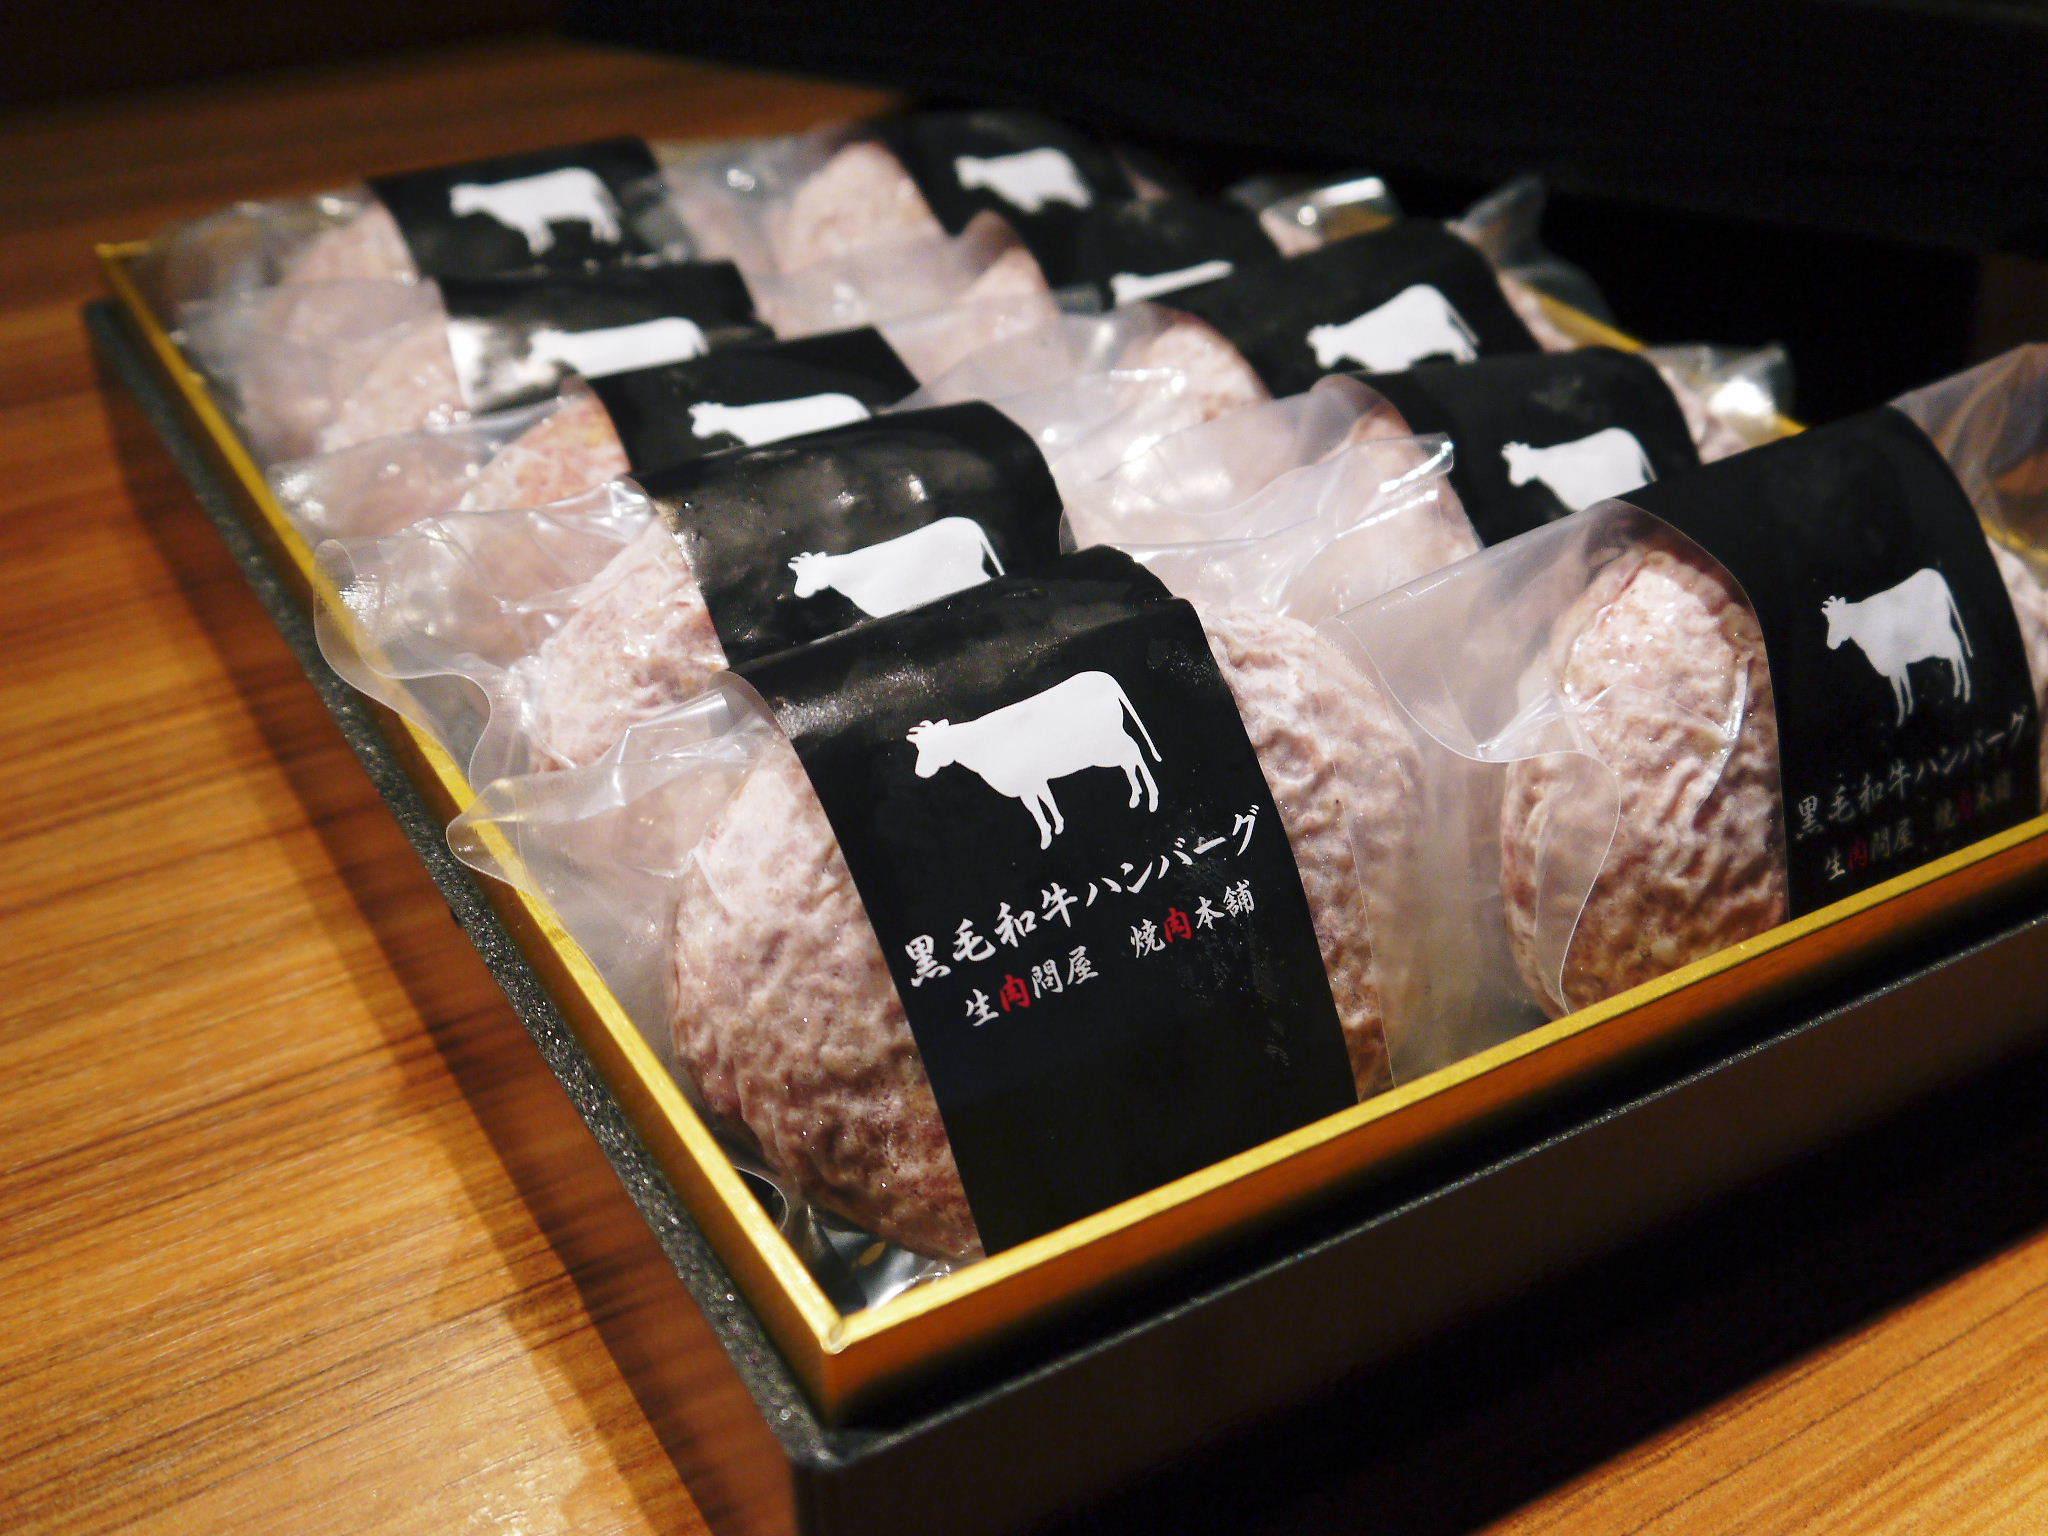 熊本県産の黒毛和牛を100%のハンバーグステーキ!11月25日(水)出荷分残りわずか!ギフト包装も対応します _a0254656_18031866.jpg